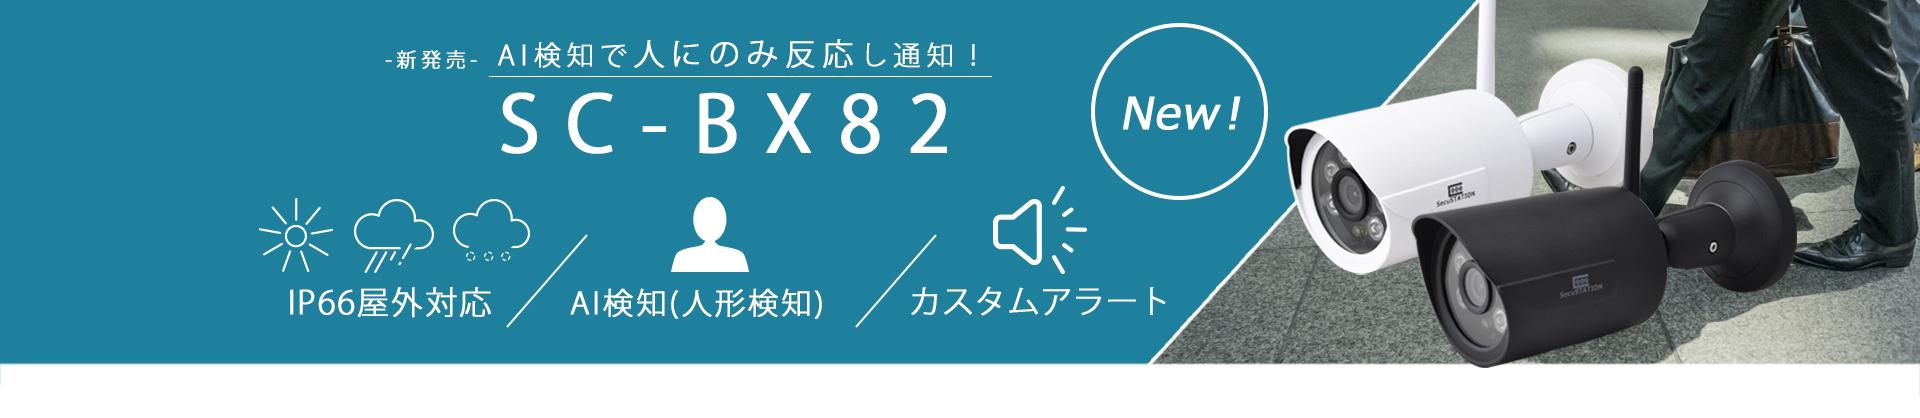 Swiper01